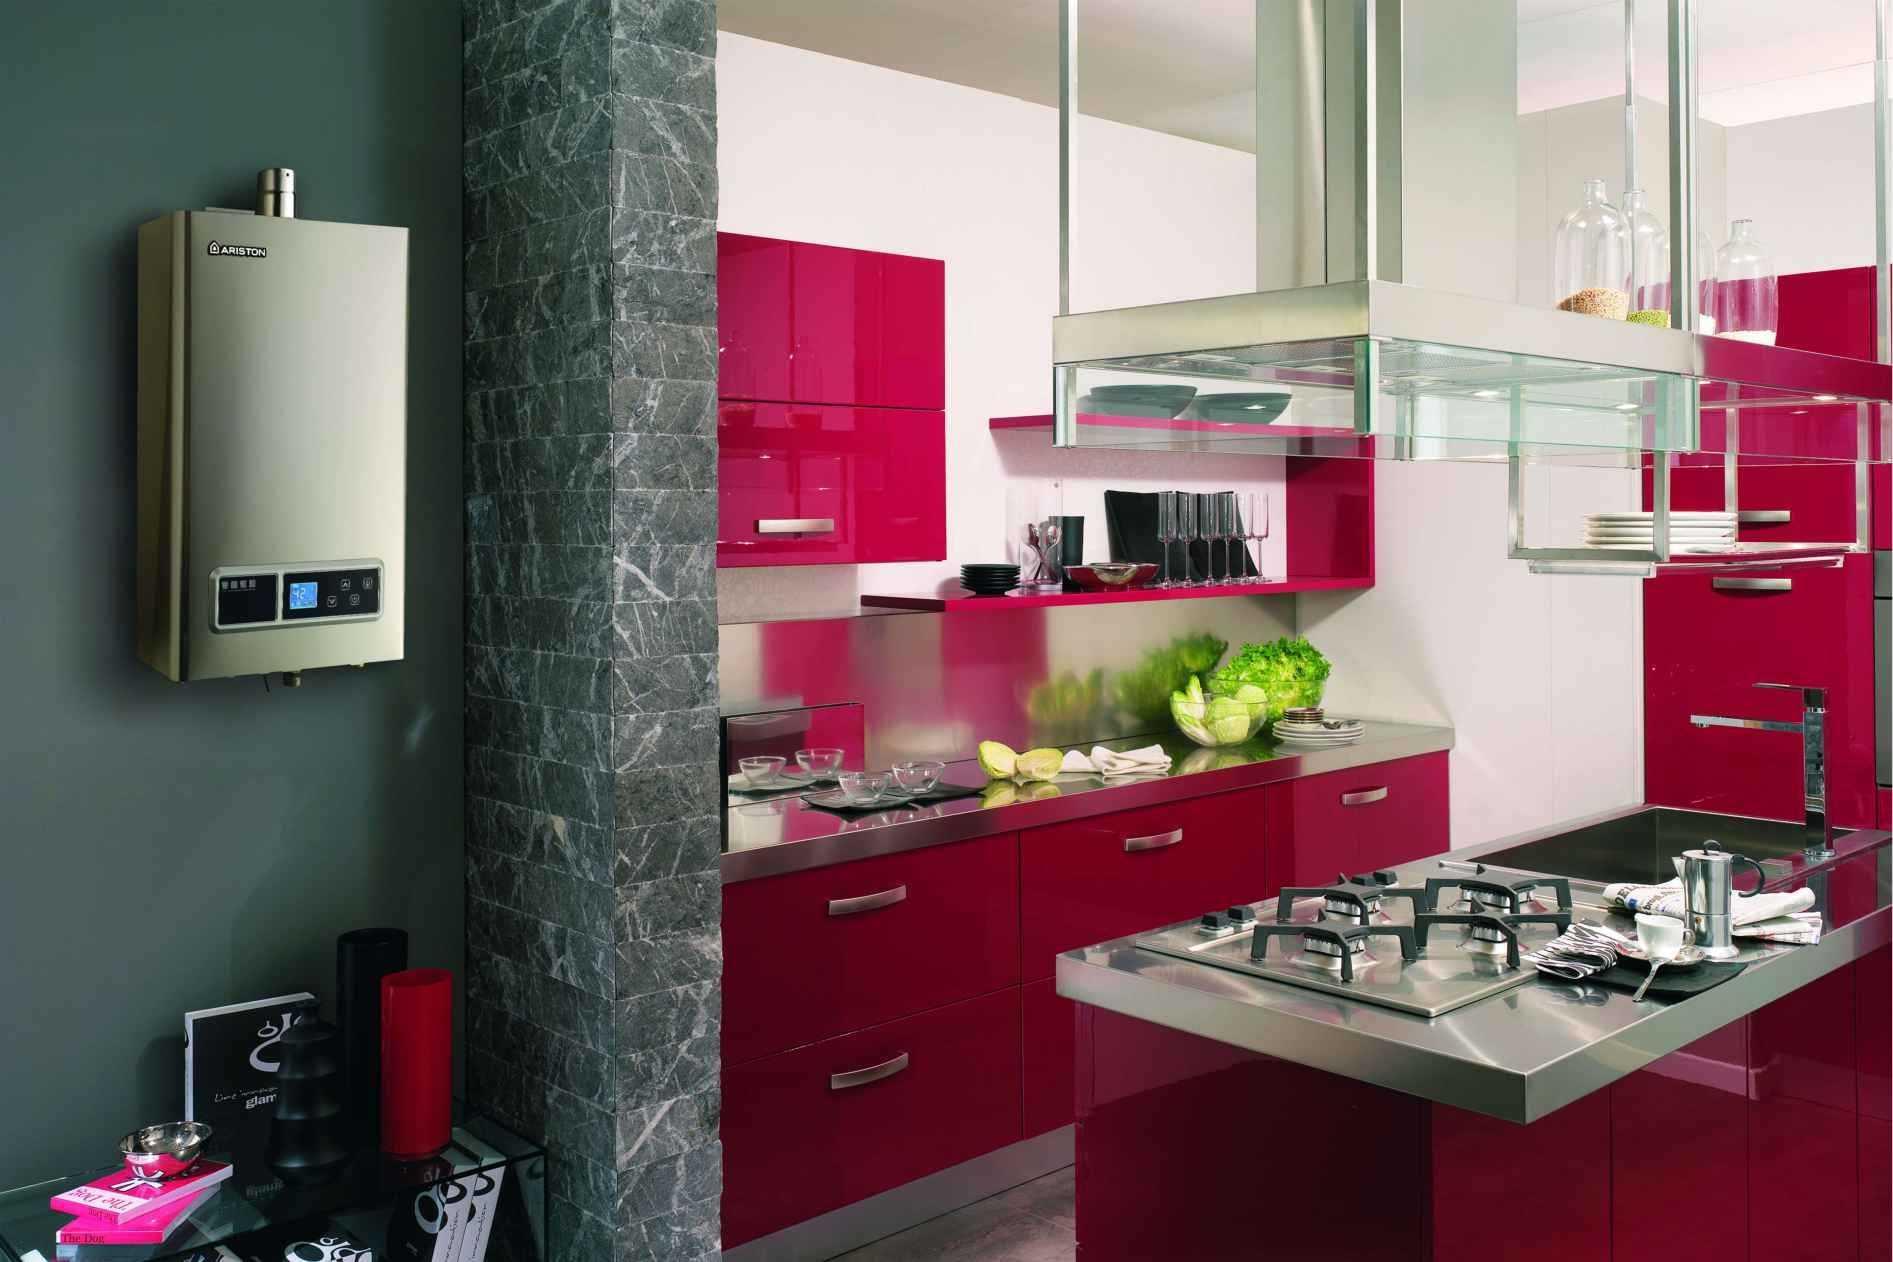 Как выбрать газовую колонку для квартиры или дома: критерии выбора, популярные производители